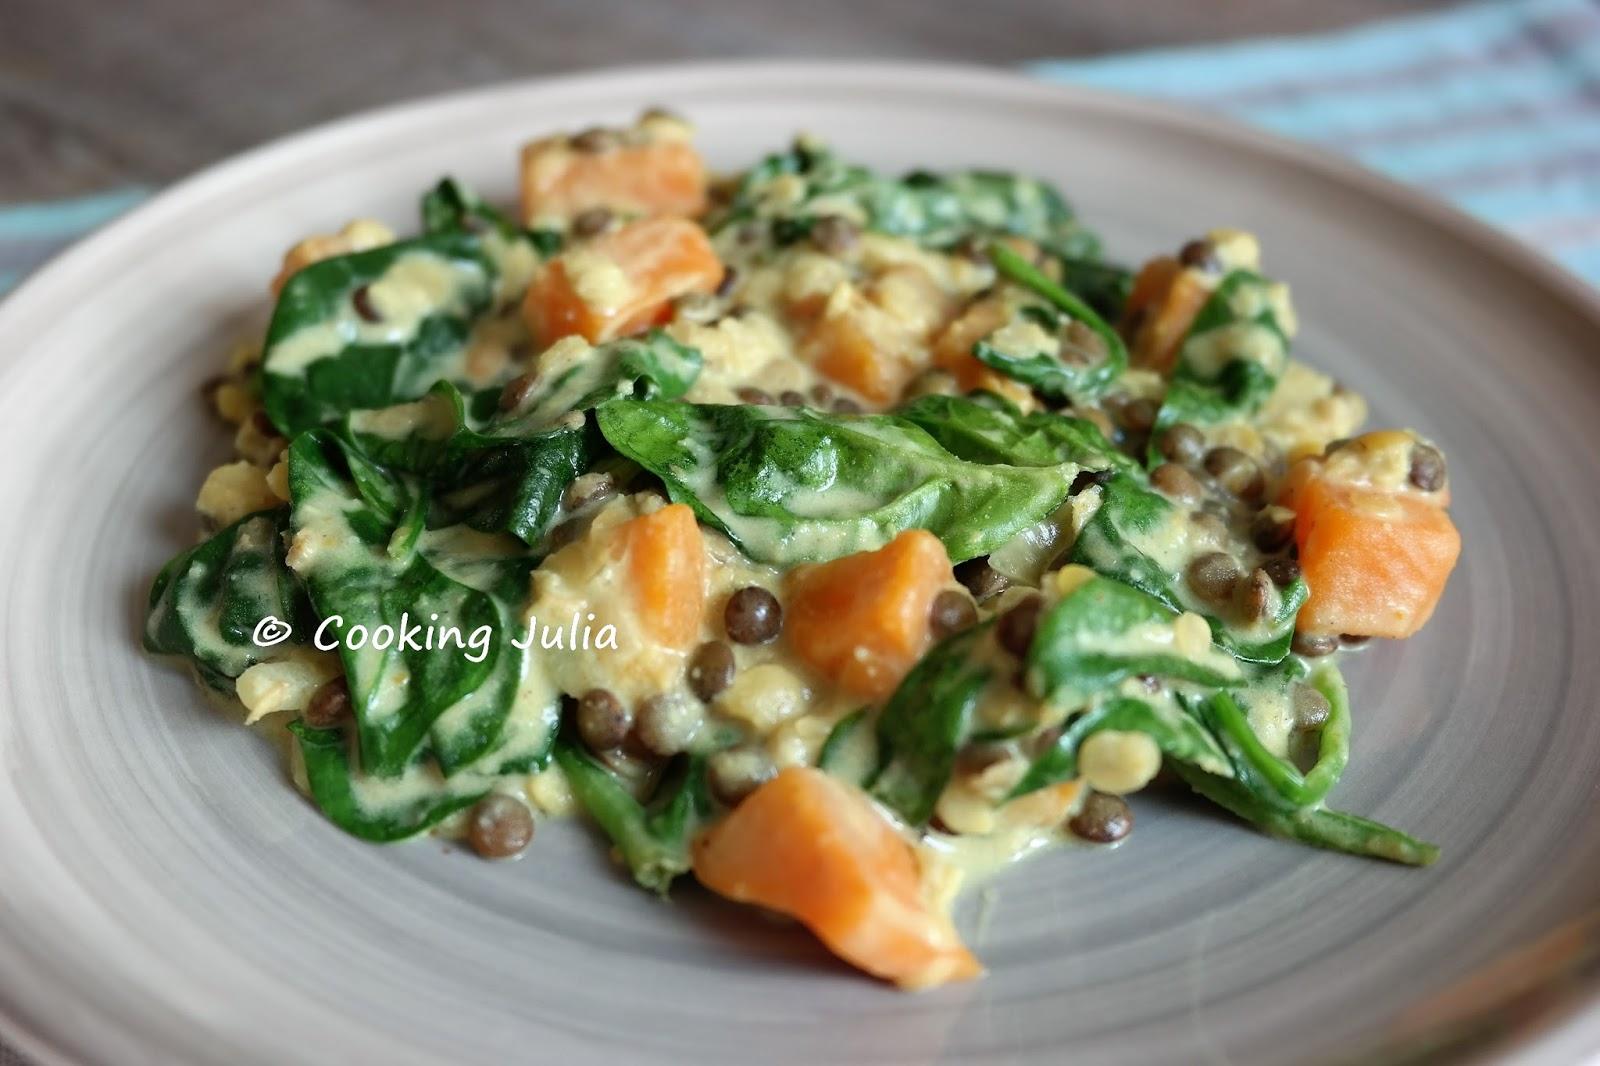 Cooking Julia Curry De Lentilles Epinards Et Patates Douces Au